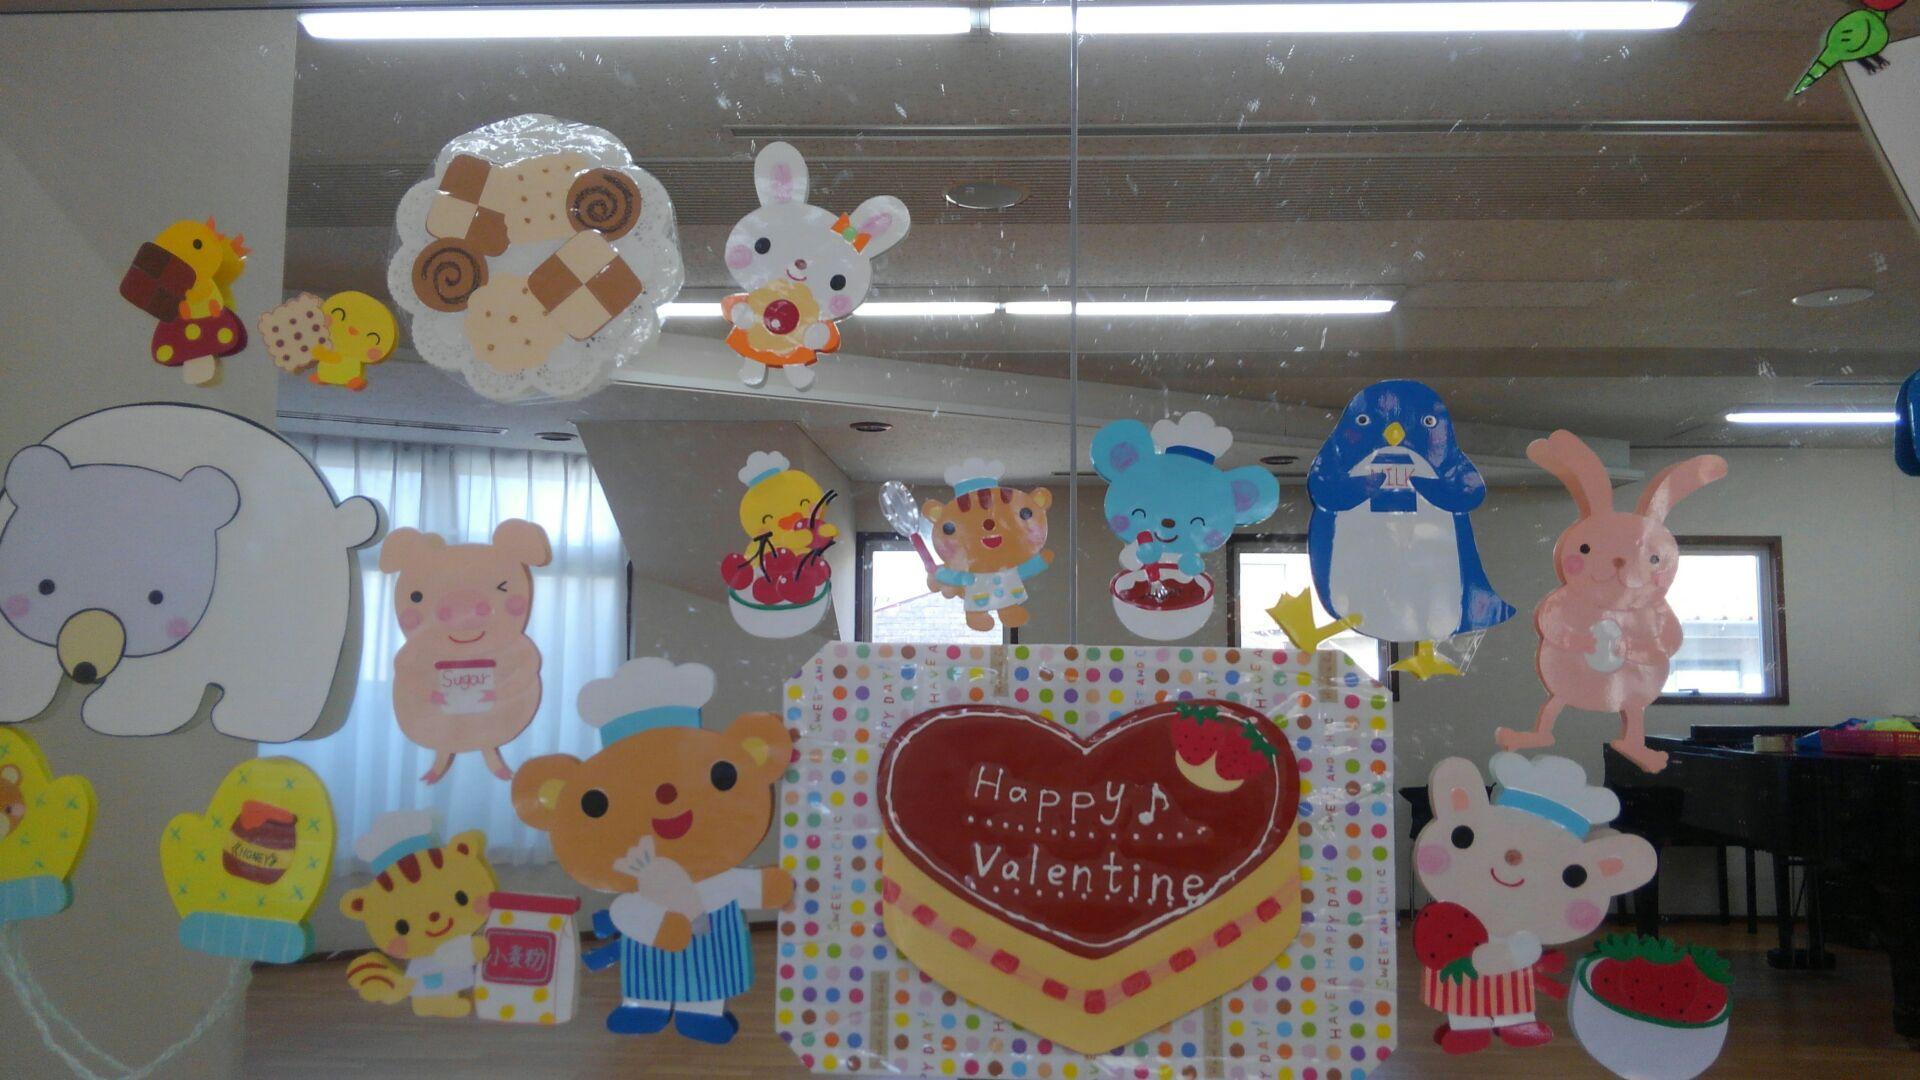 教室壁面に貼られた装飾イラスト。今度はうってかわって動物さん達がお菓子作りをしています。真ん中には「Happy Valentine」と書かれたケーキがあります。